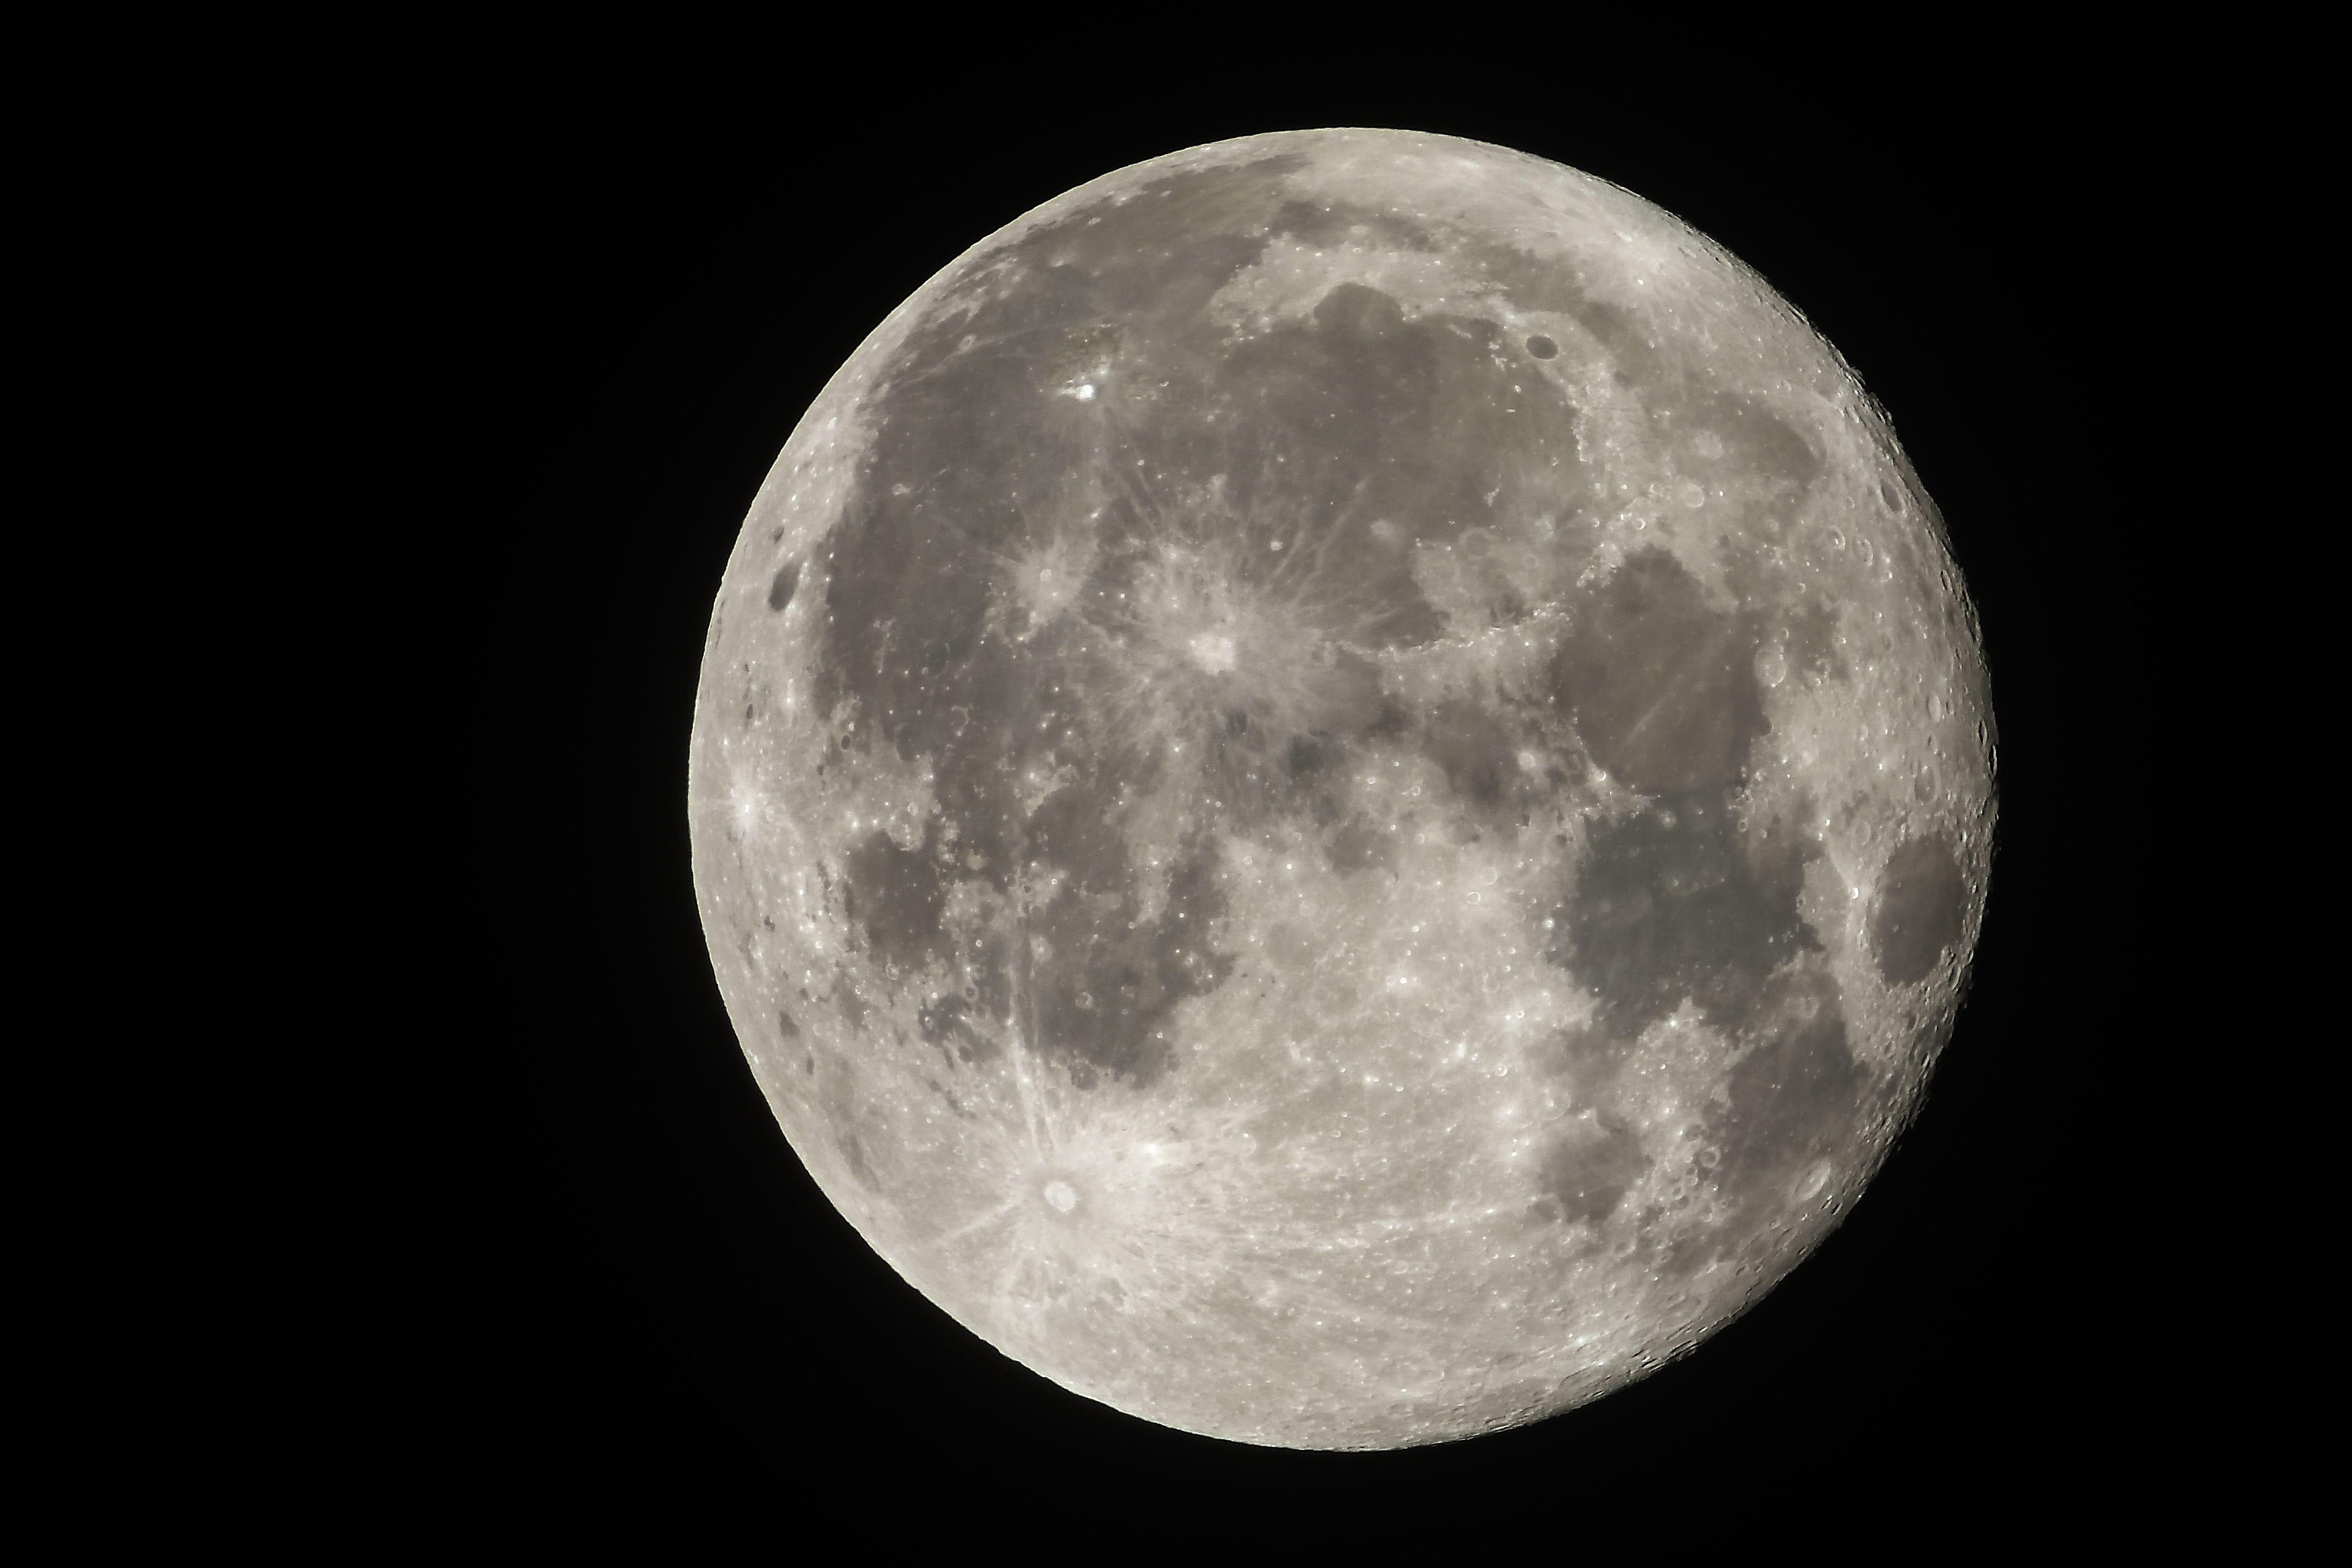 El 20 de enero del 2019 la luna se verá más grande y más brillante, ya que estará más cerca de la Tierra. (Foto Prensa Libre: AFP).